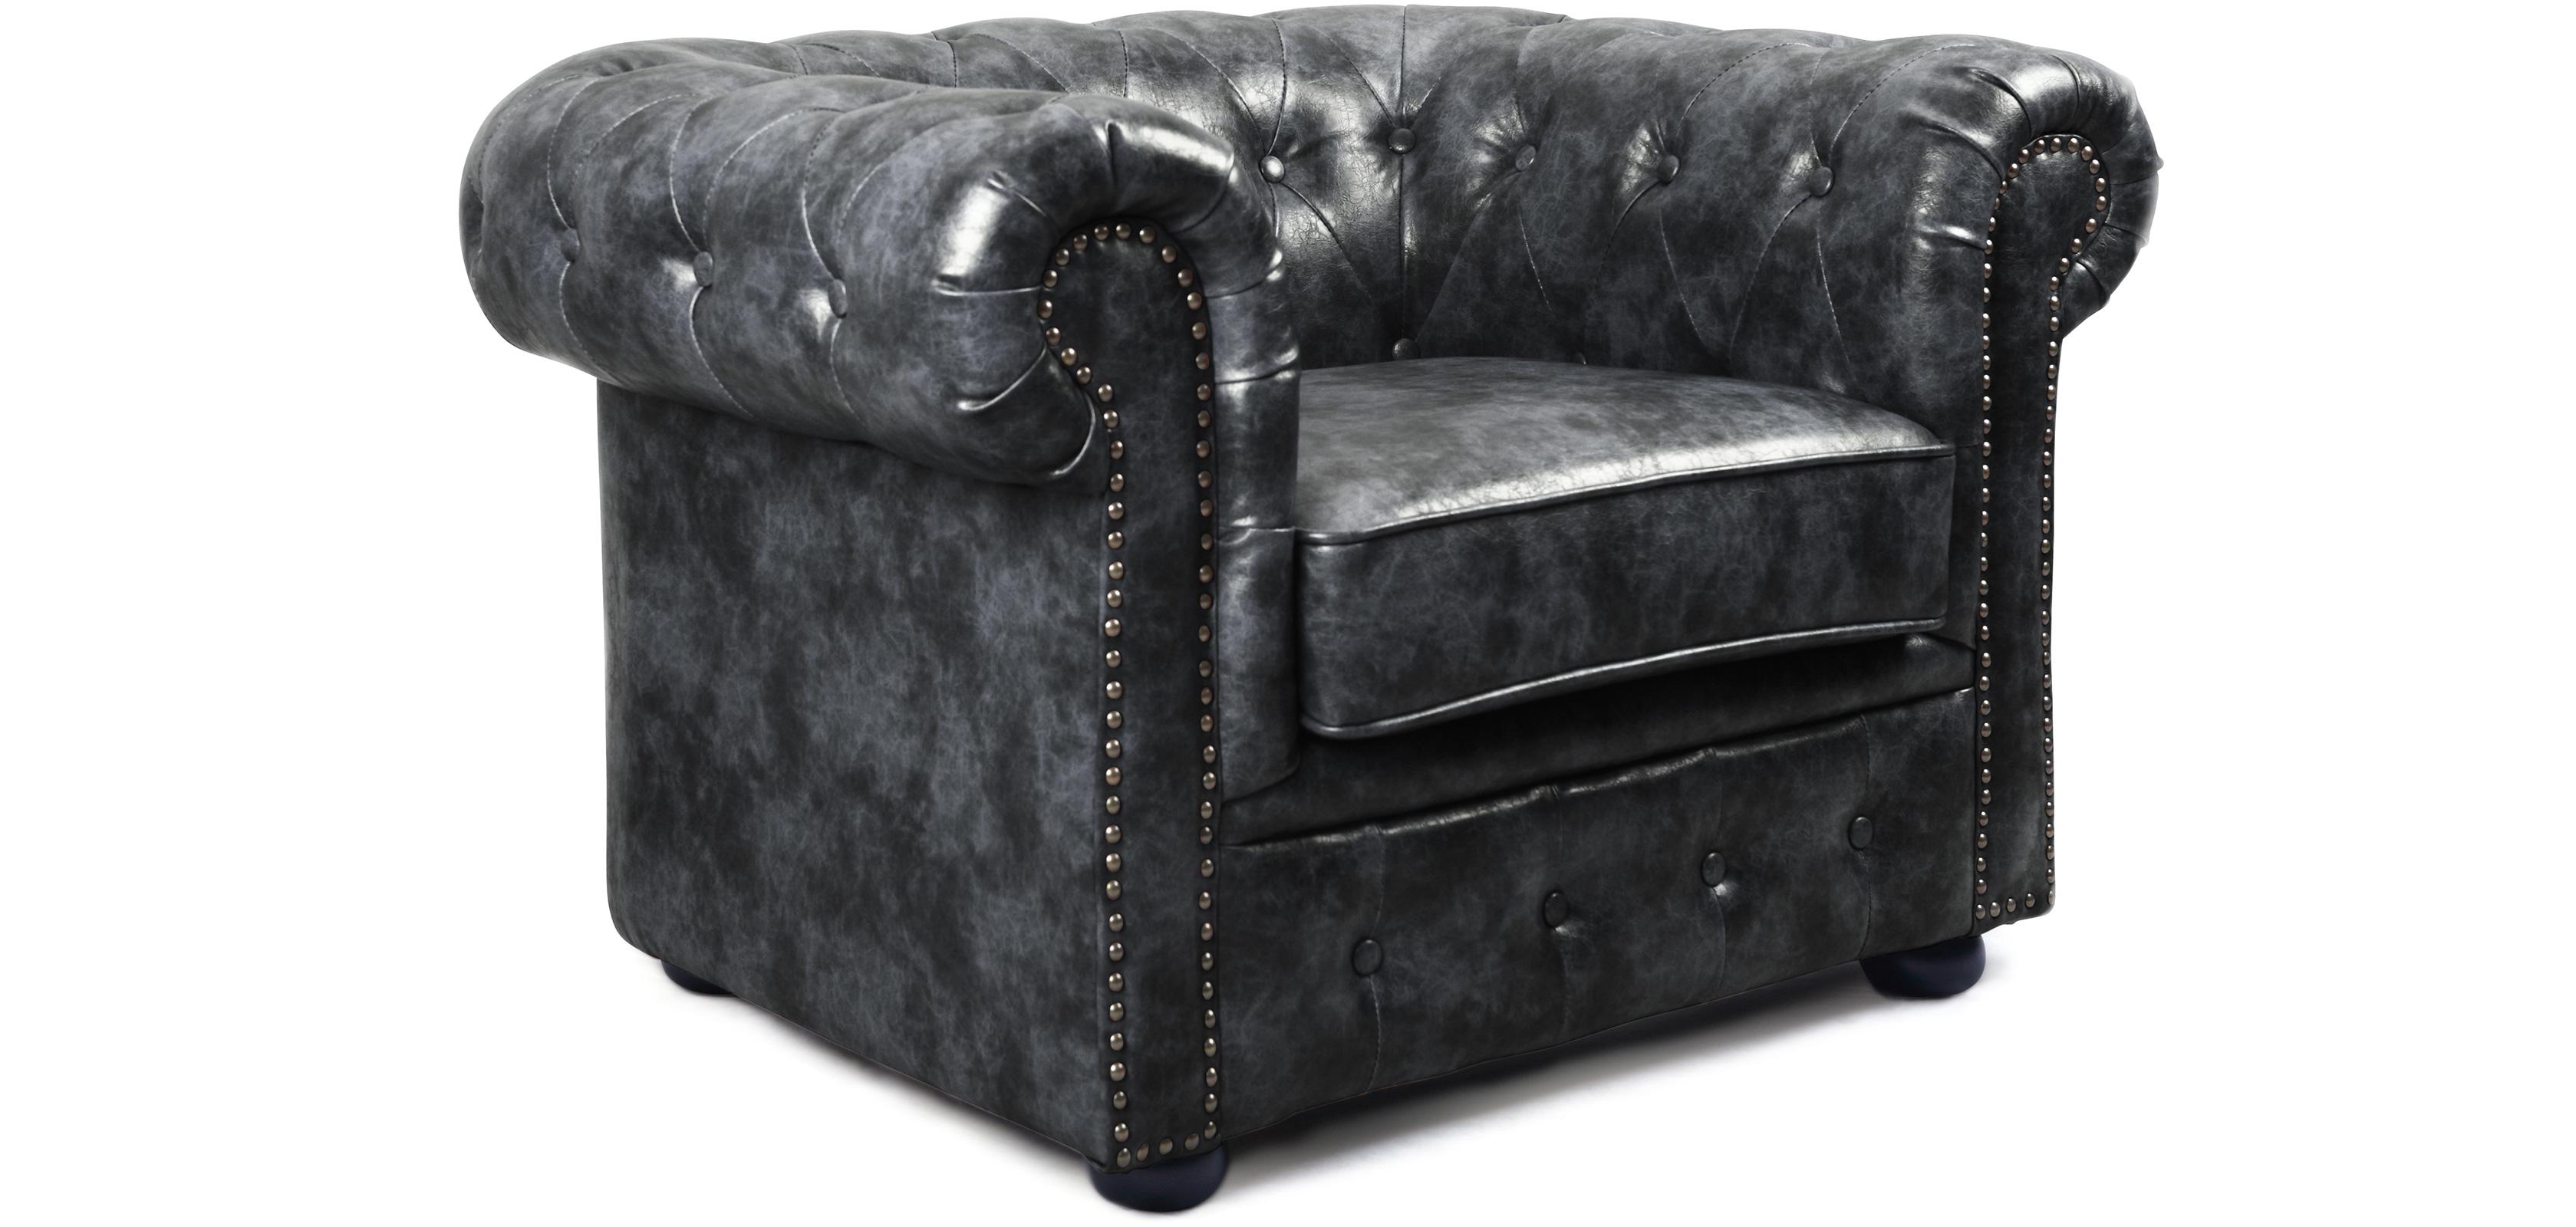 vintage chesterfield sessel hochwertiges leder. Black Bedroom Furniture Sets. Home Design Ideas